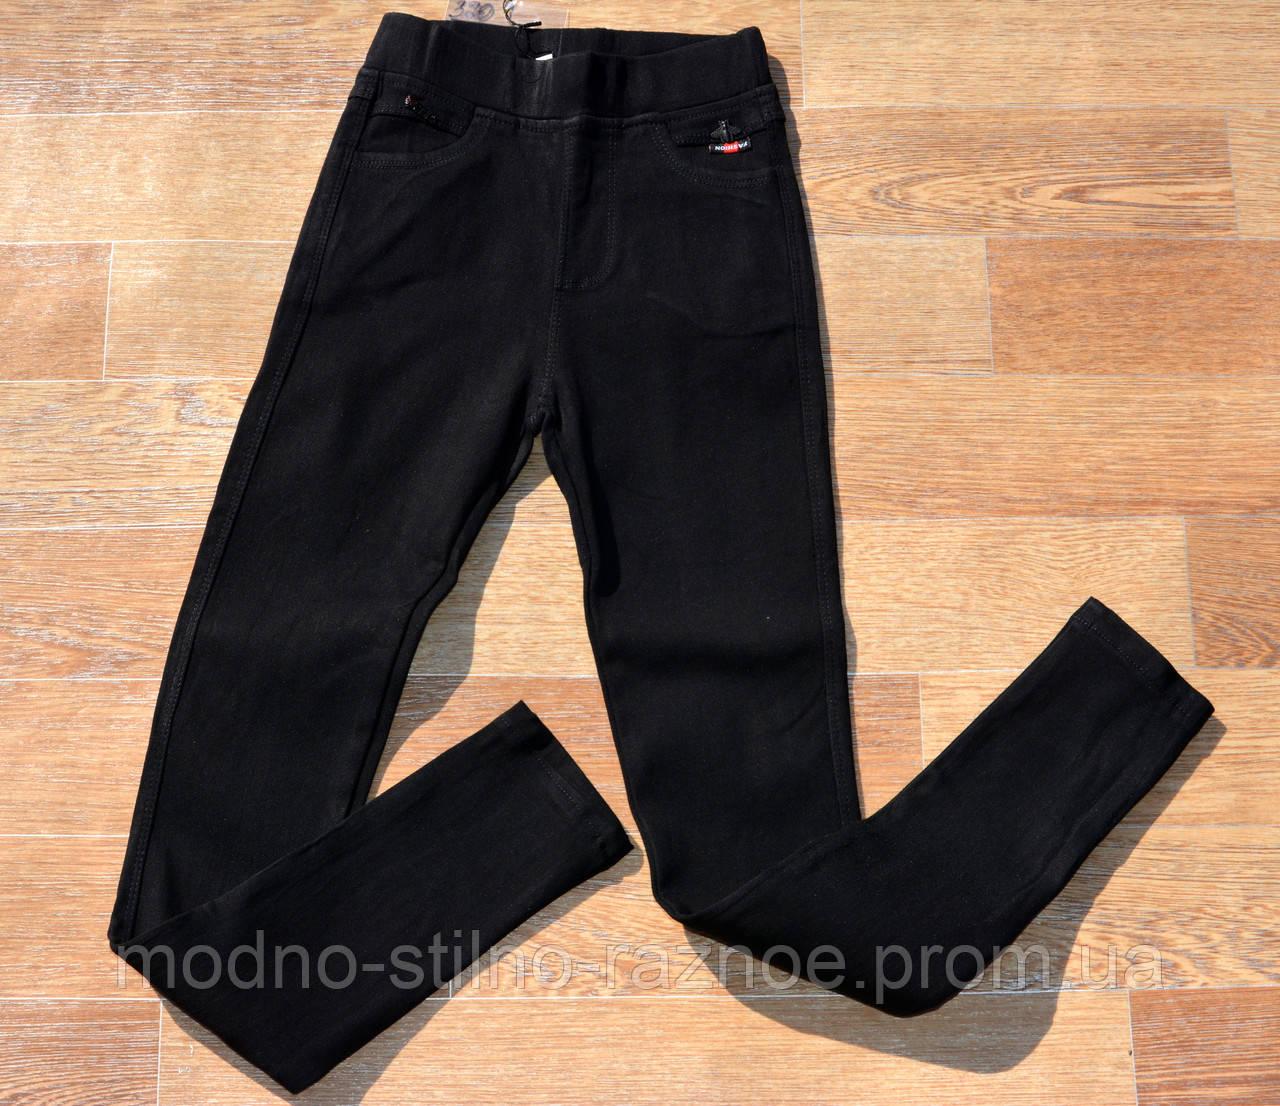 Утеплённые чёрные джинсы брюки скини для девочки 21-26